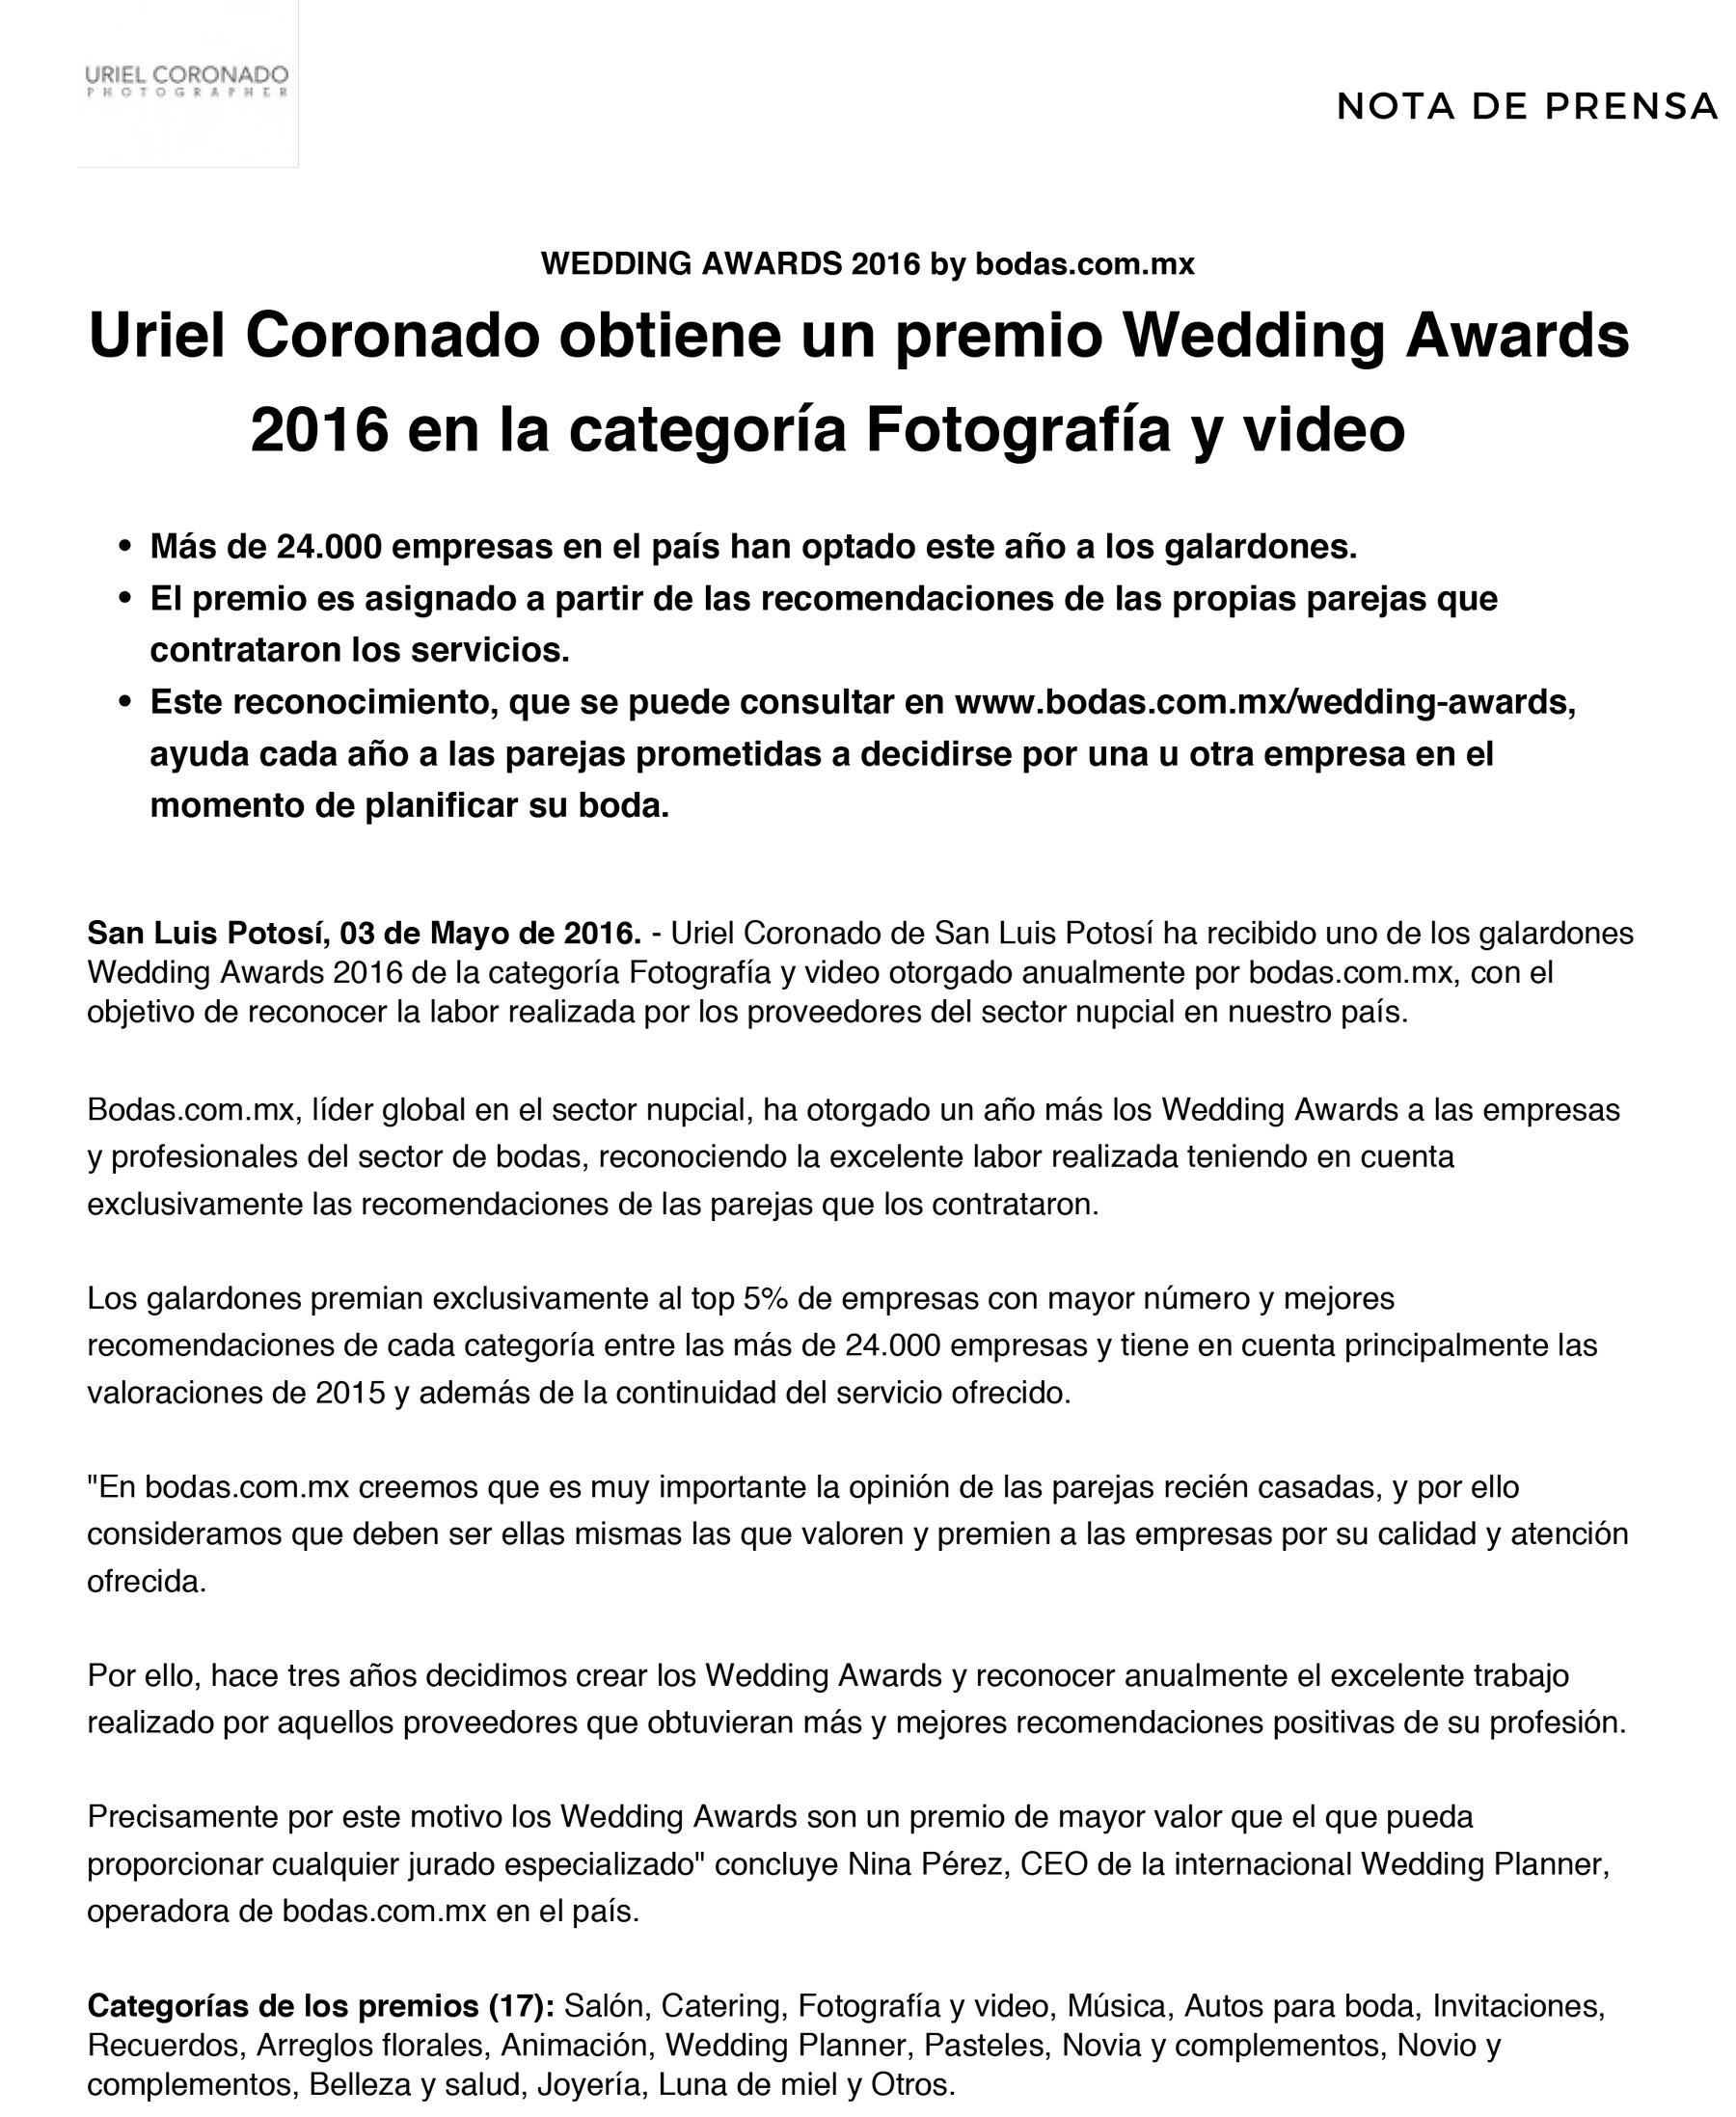 Wedding_Awards_2016_Nota_de_Prensa-1-Uriel-Coronado-San-Luis-Potosi